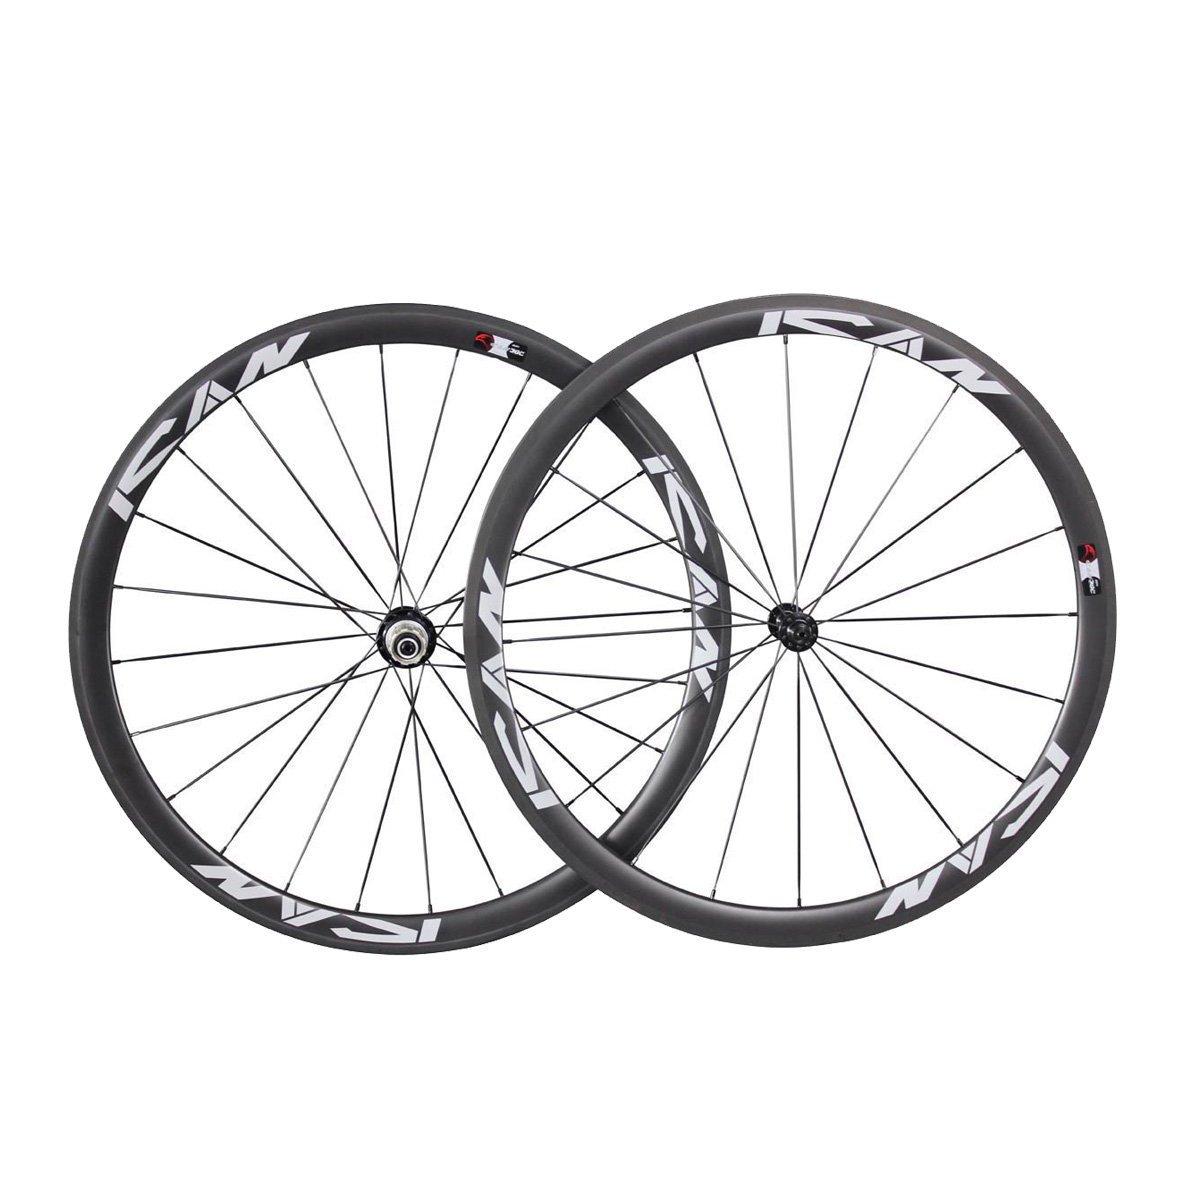 ICAN Carbon 38mm Tubular Wheelset Road Bike Only 1330g/set